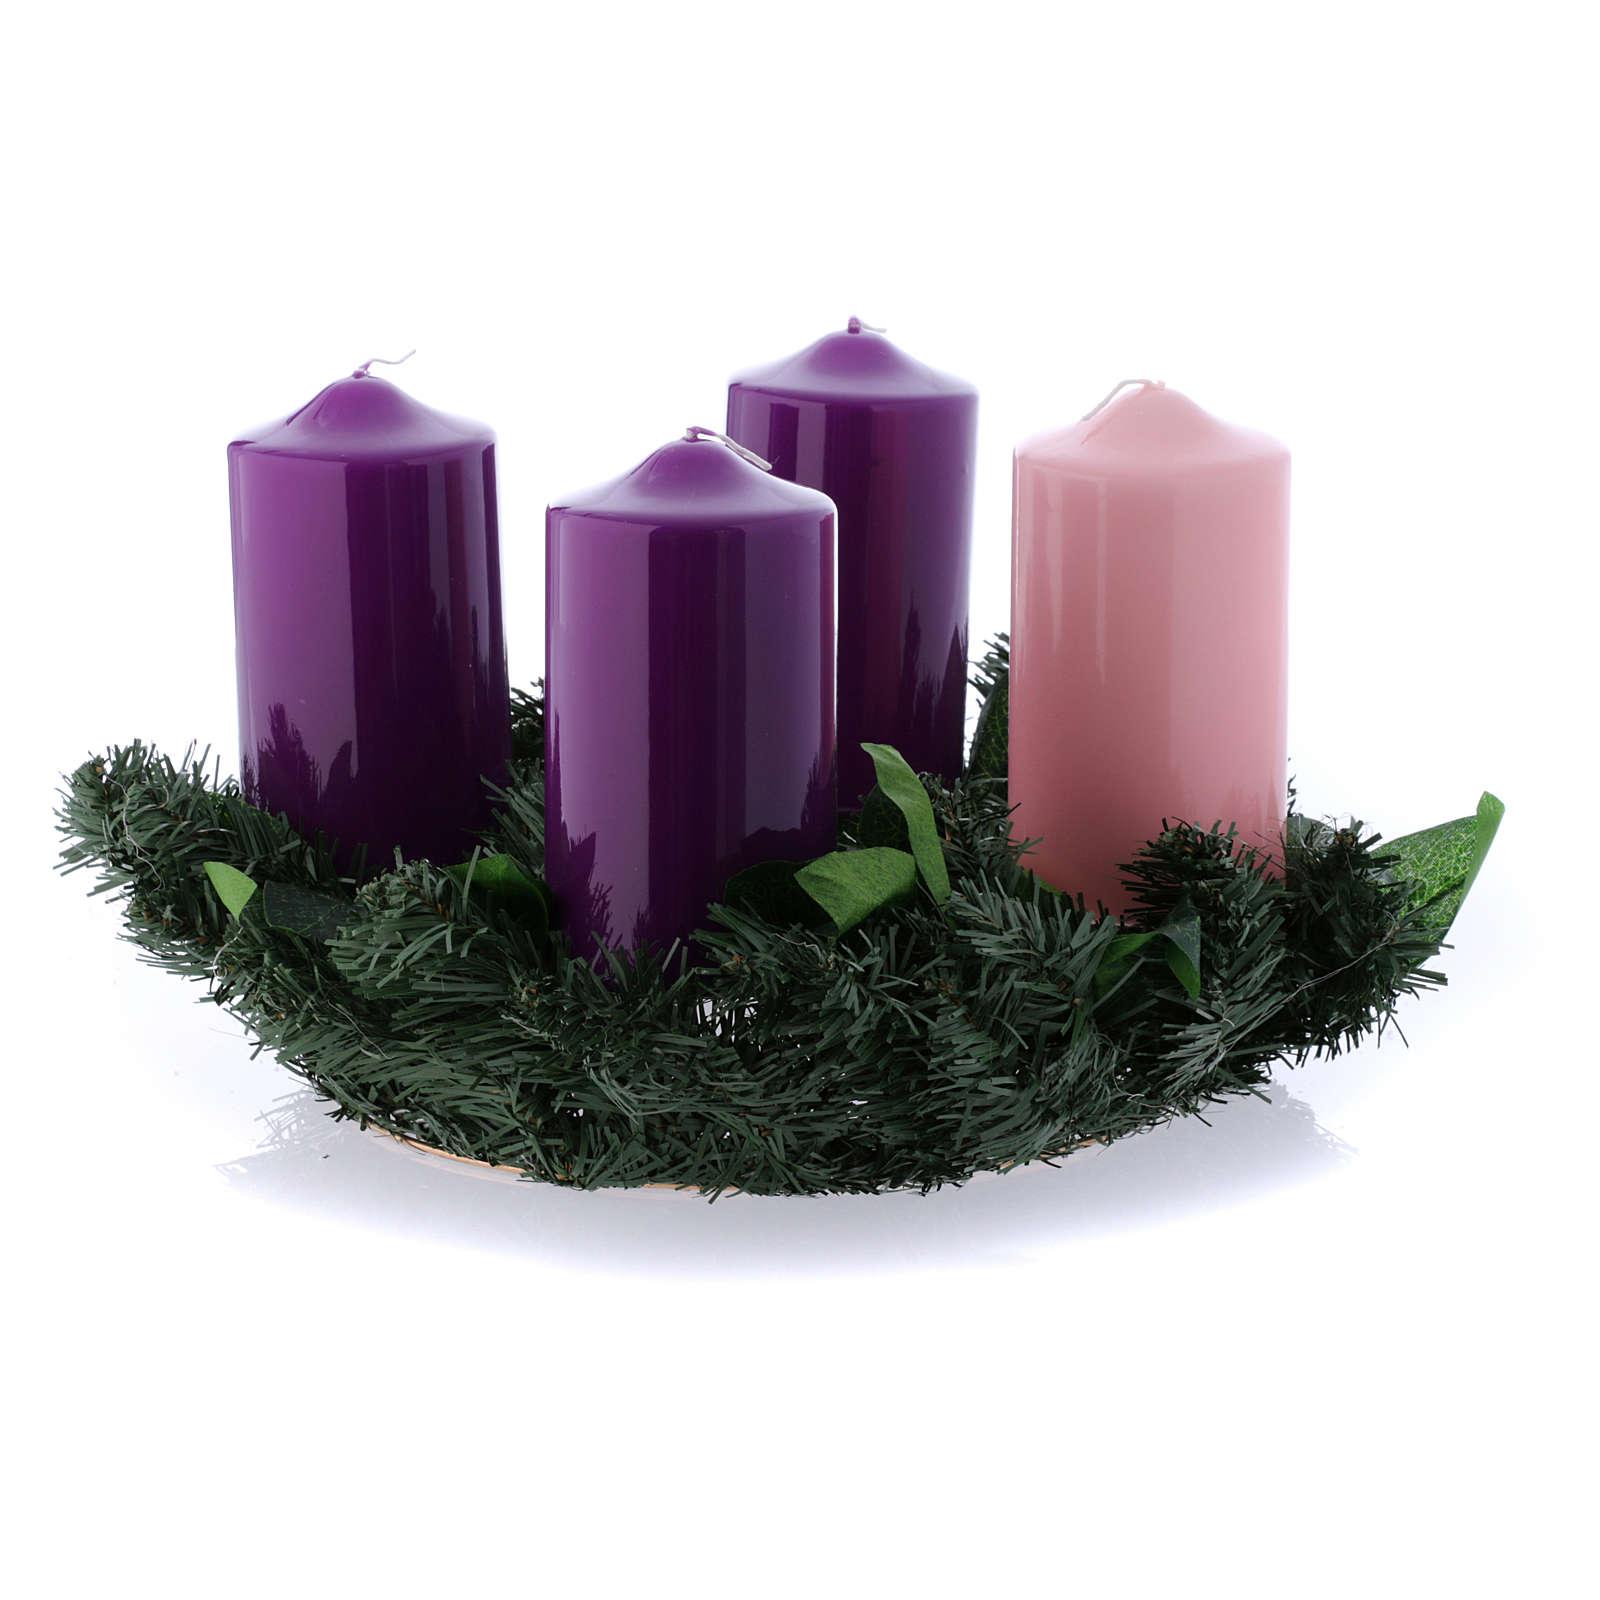 Zestaw liturgiczny na Adwent korona i świece błyszczące 8x15 cm 3